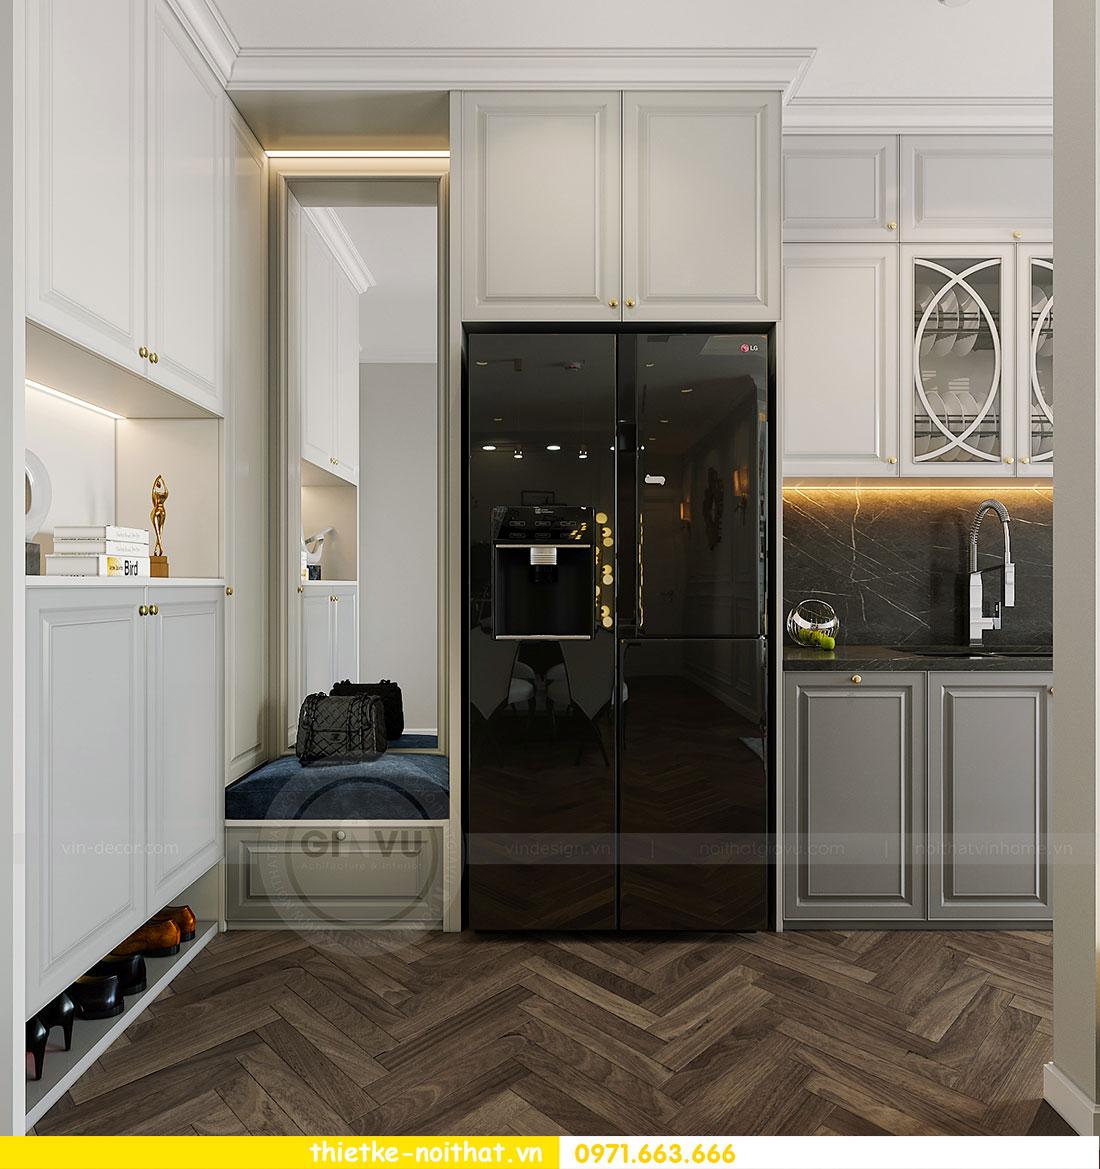 Thiết kế thi công nội thất chung cư Dcapitale tòa C1 căn 09 - Ms.Hường 7